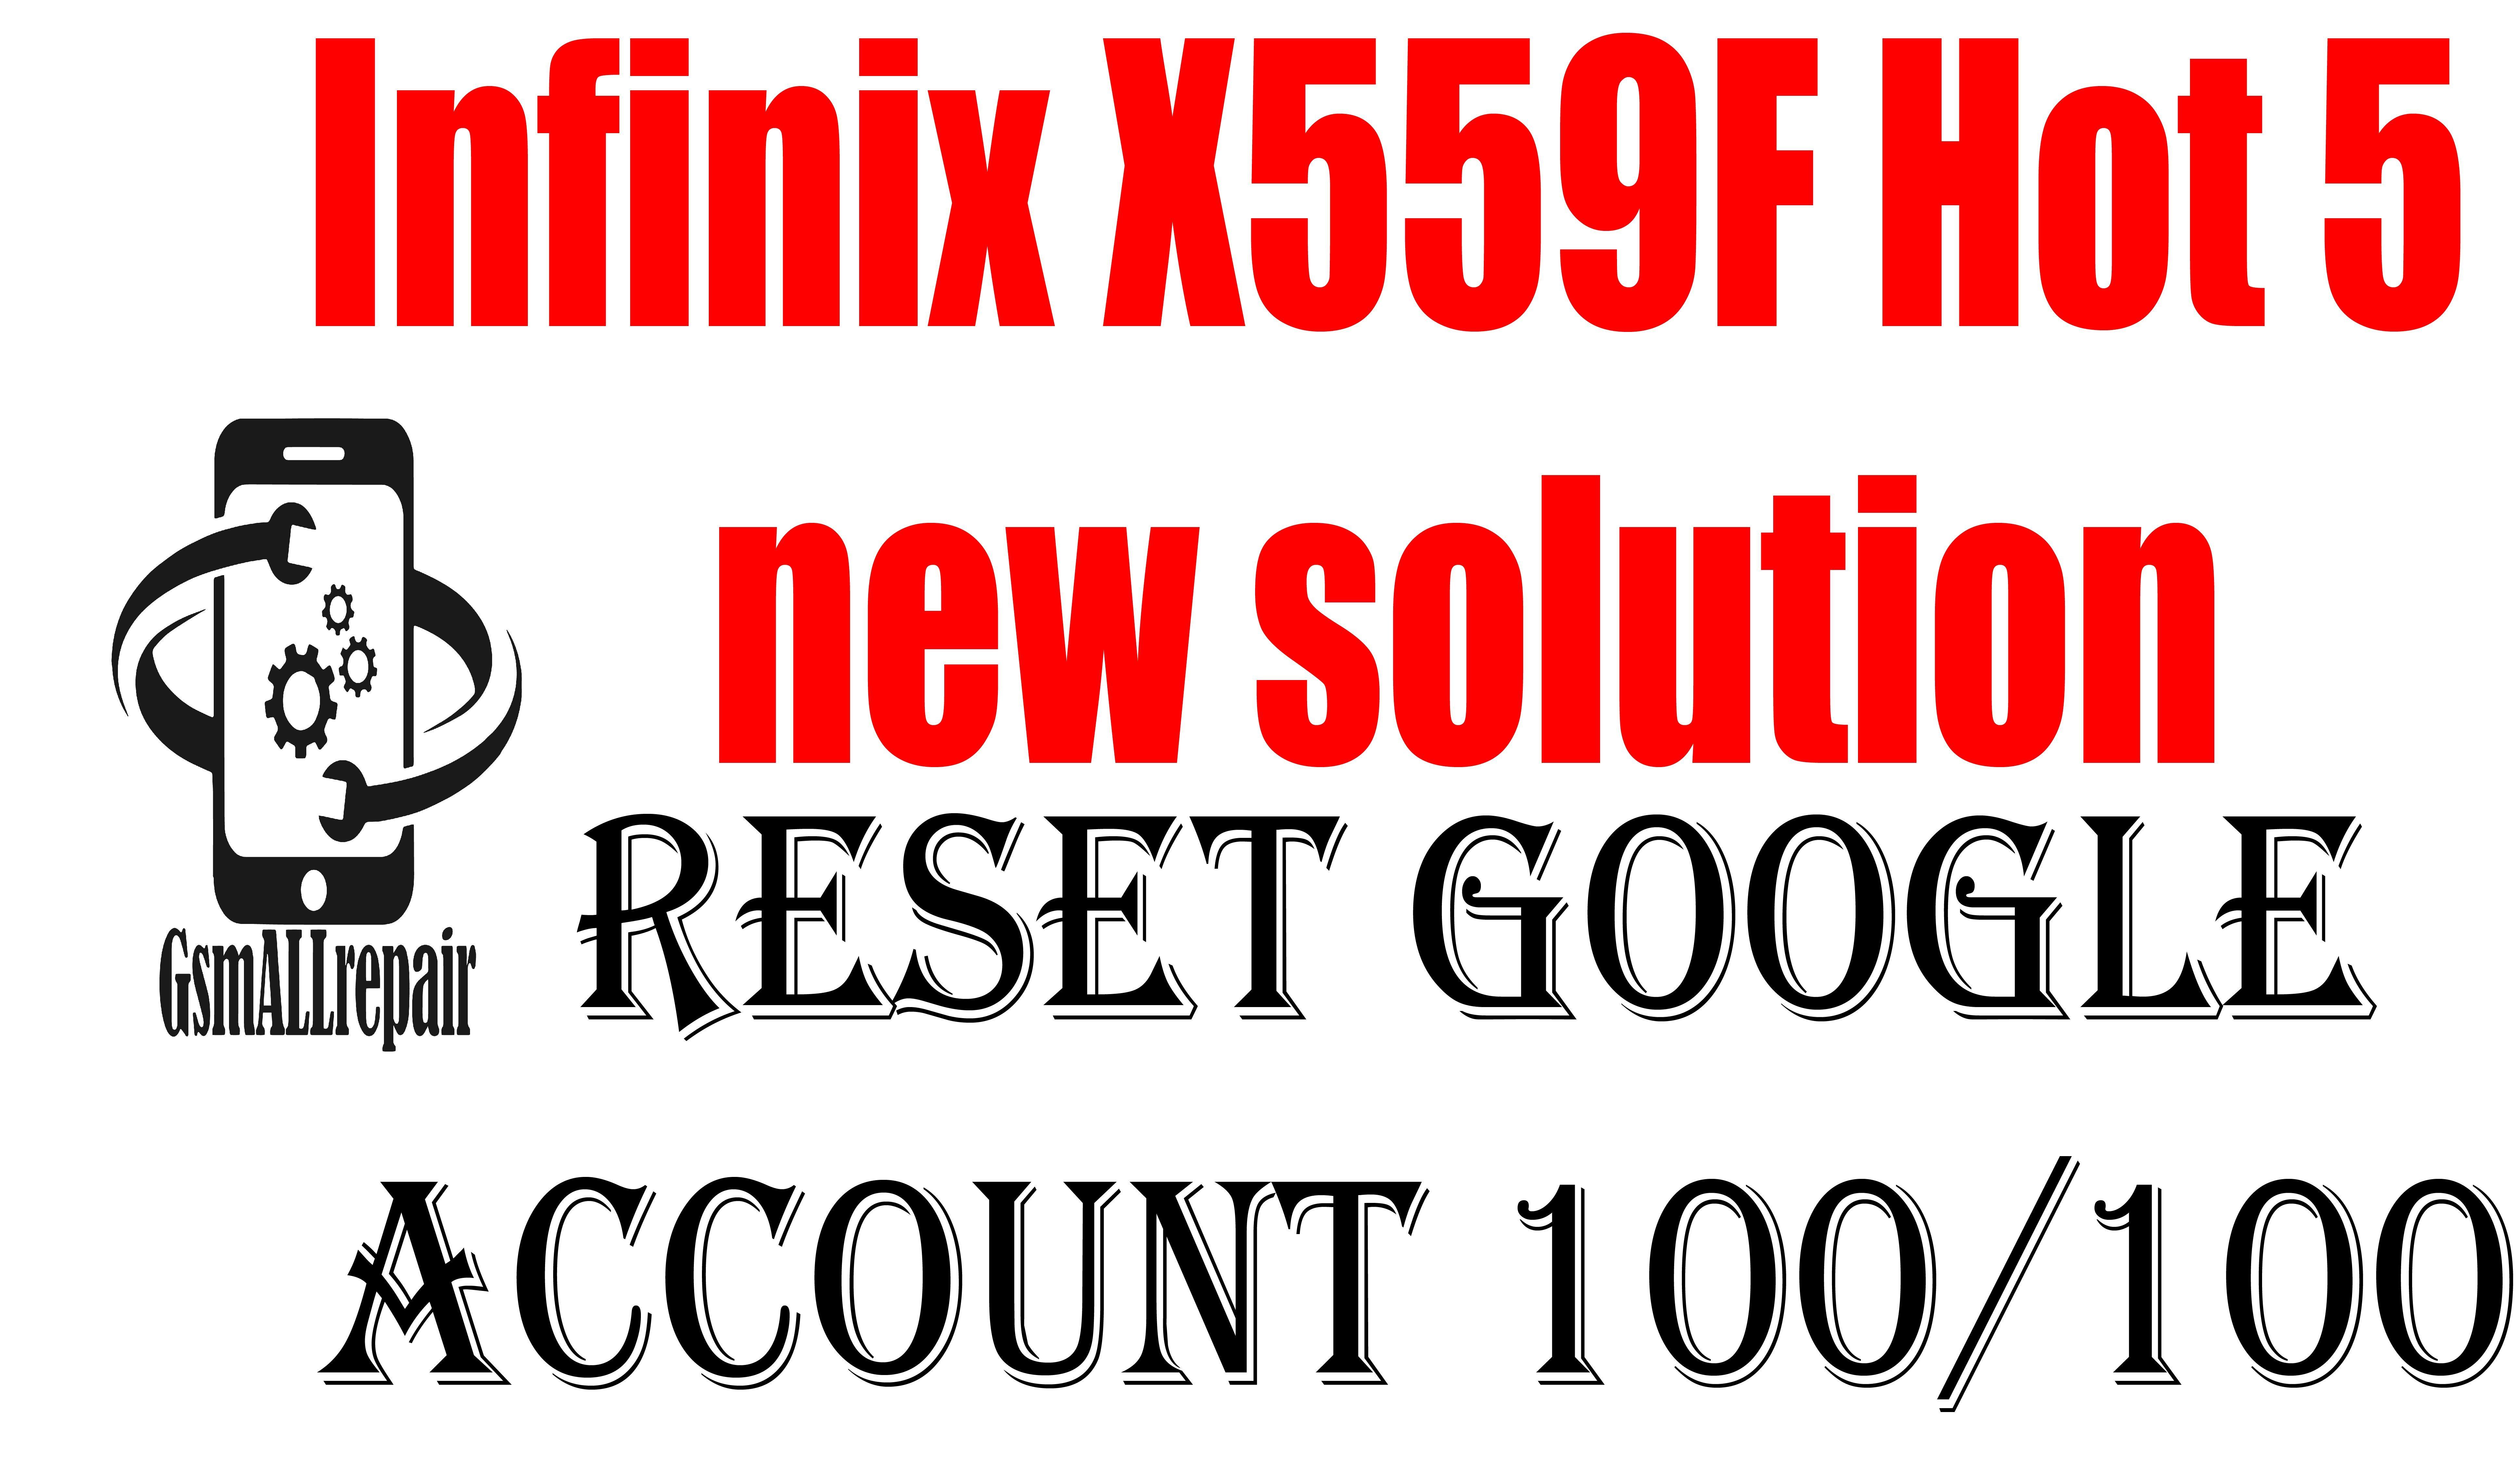 infinix x559f hot 5 frp bypass new solution | frp infinix